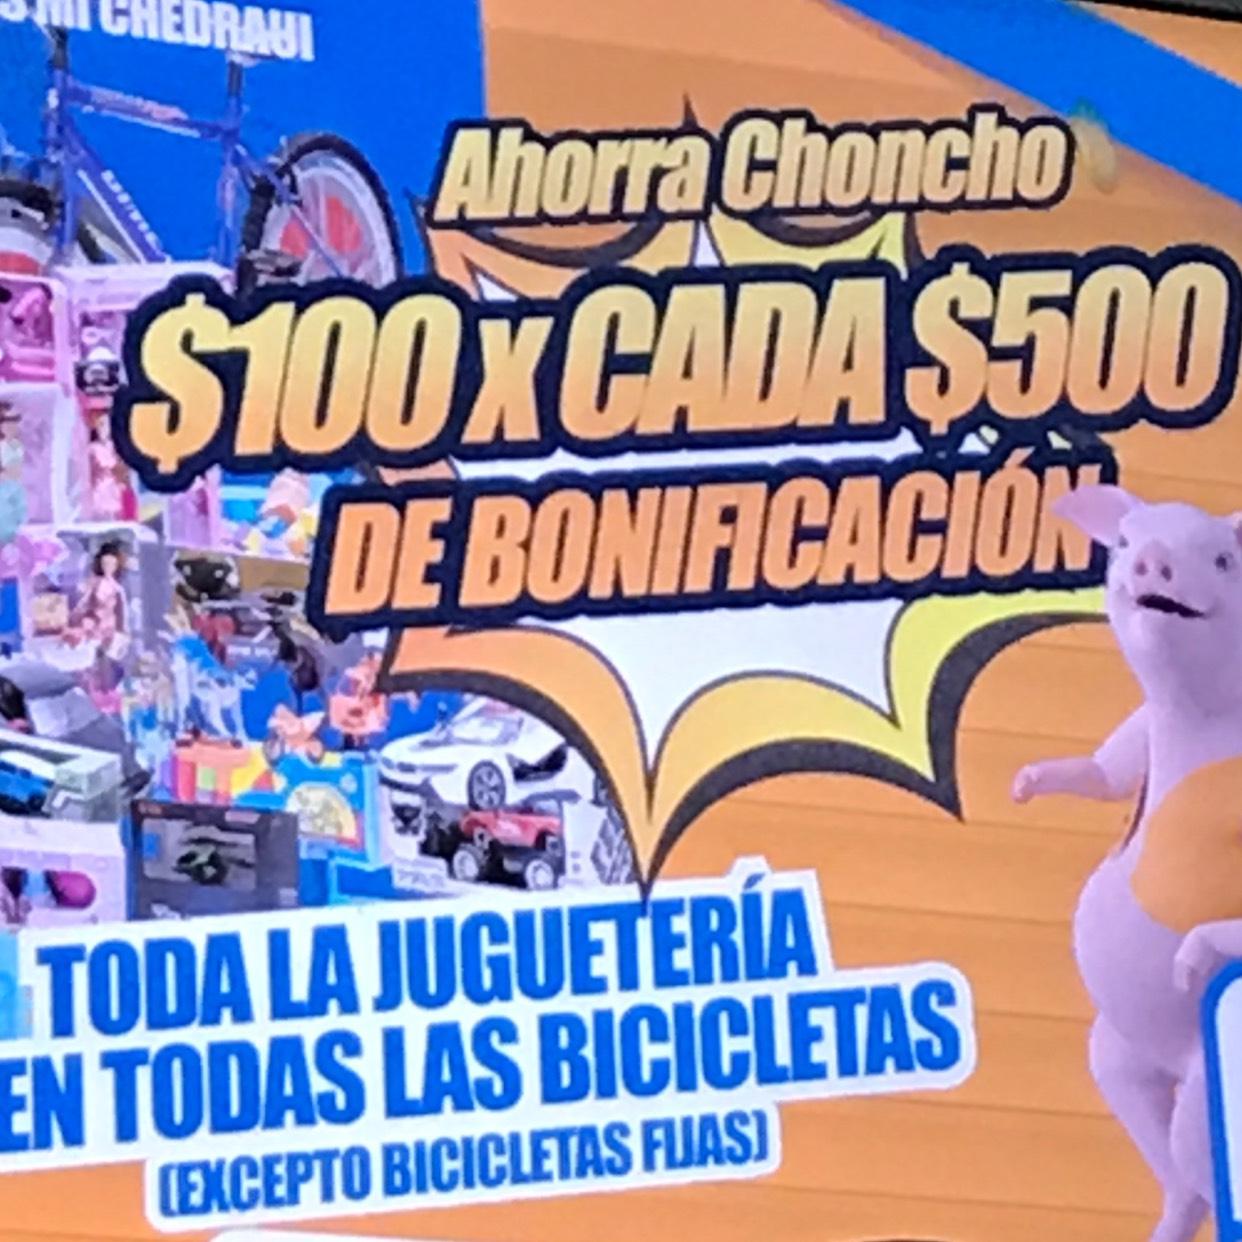 Chedraui: Ahorro Choncho (3x2, ofertas y Día del niño)